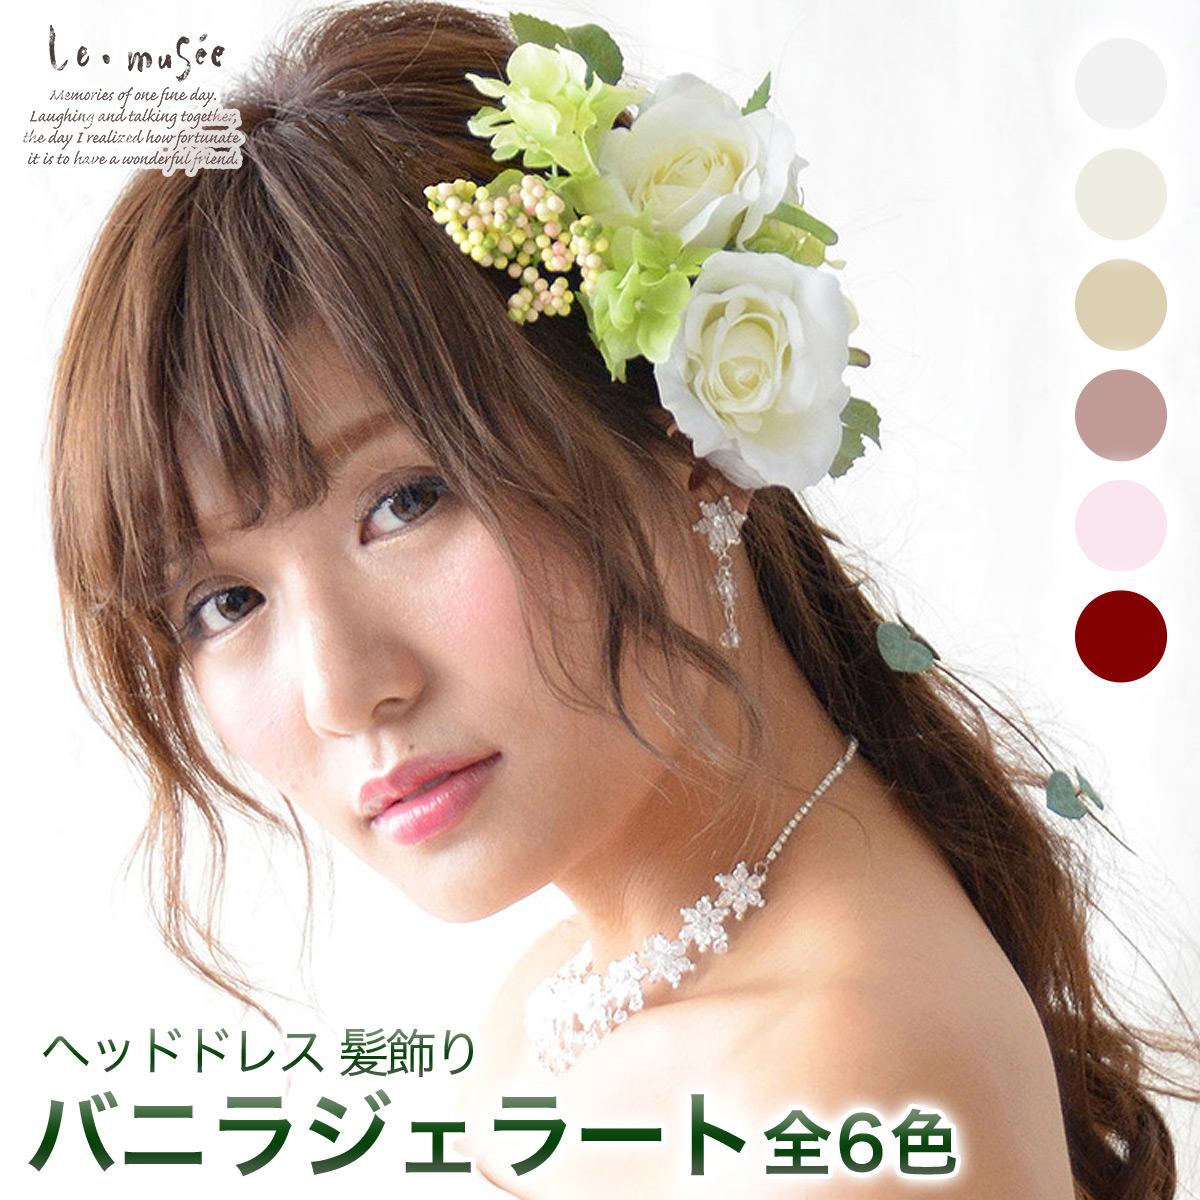 【ヘッドドレス(髪飾り)】バニラジェラート